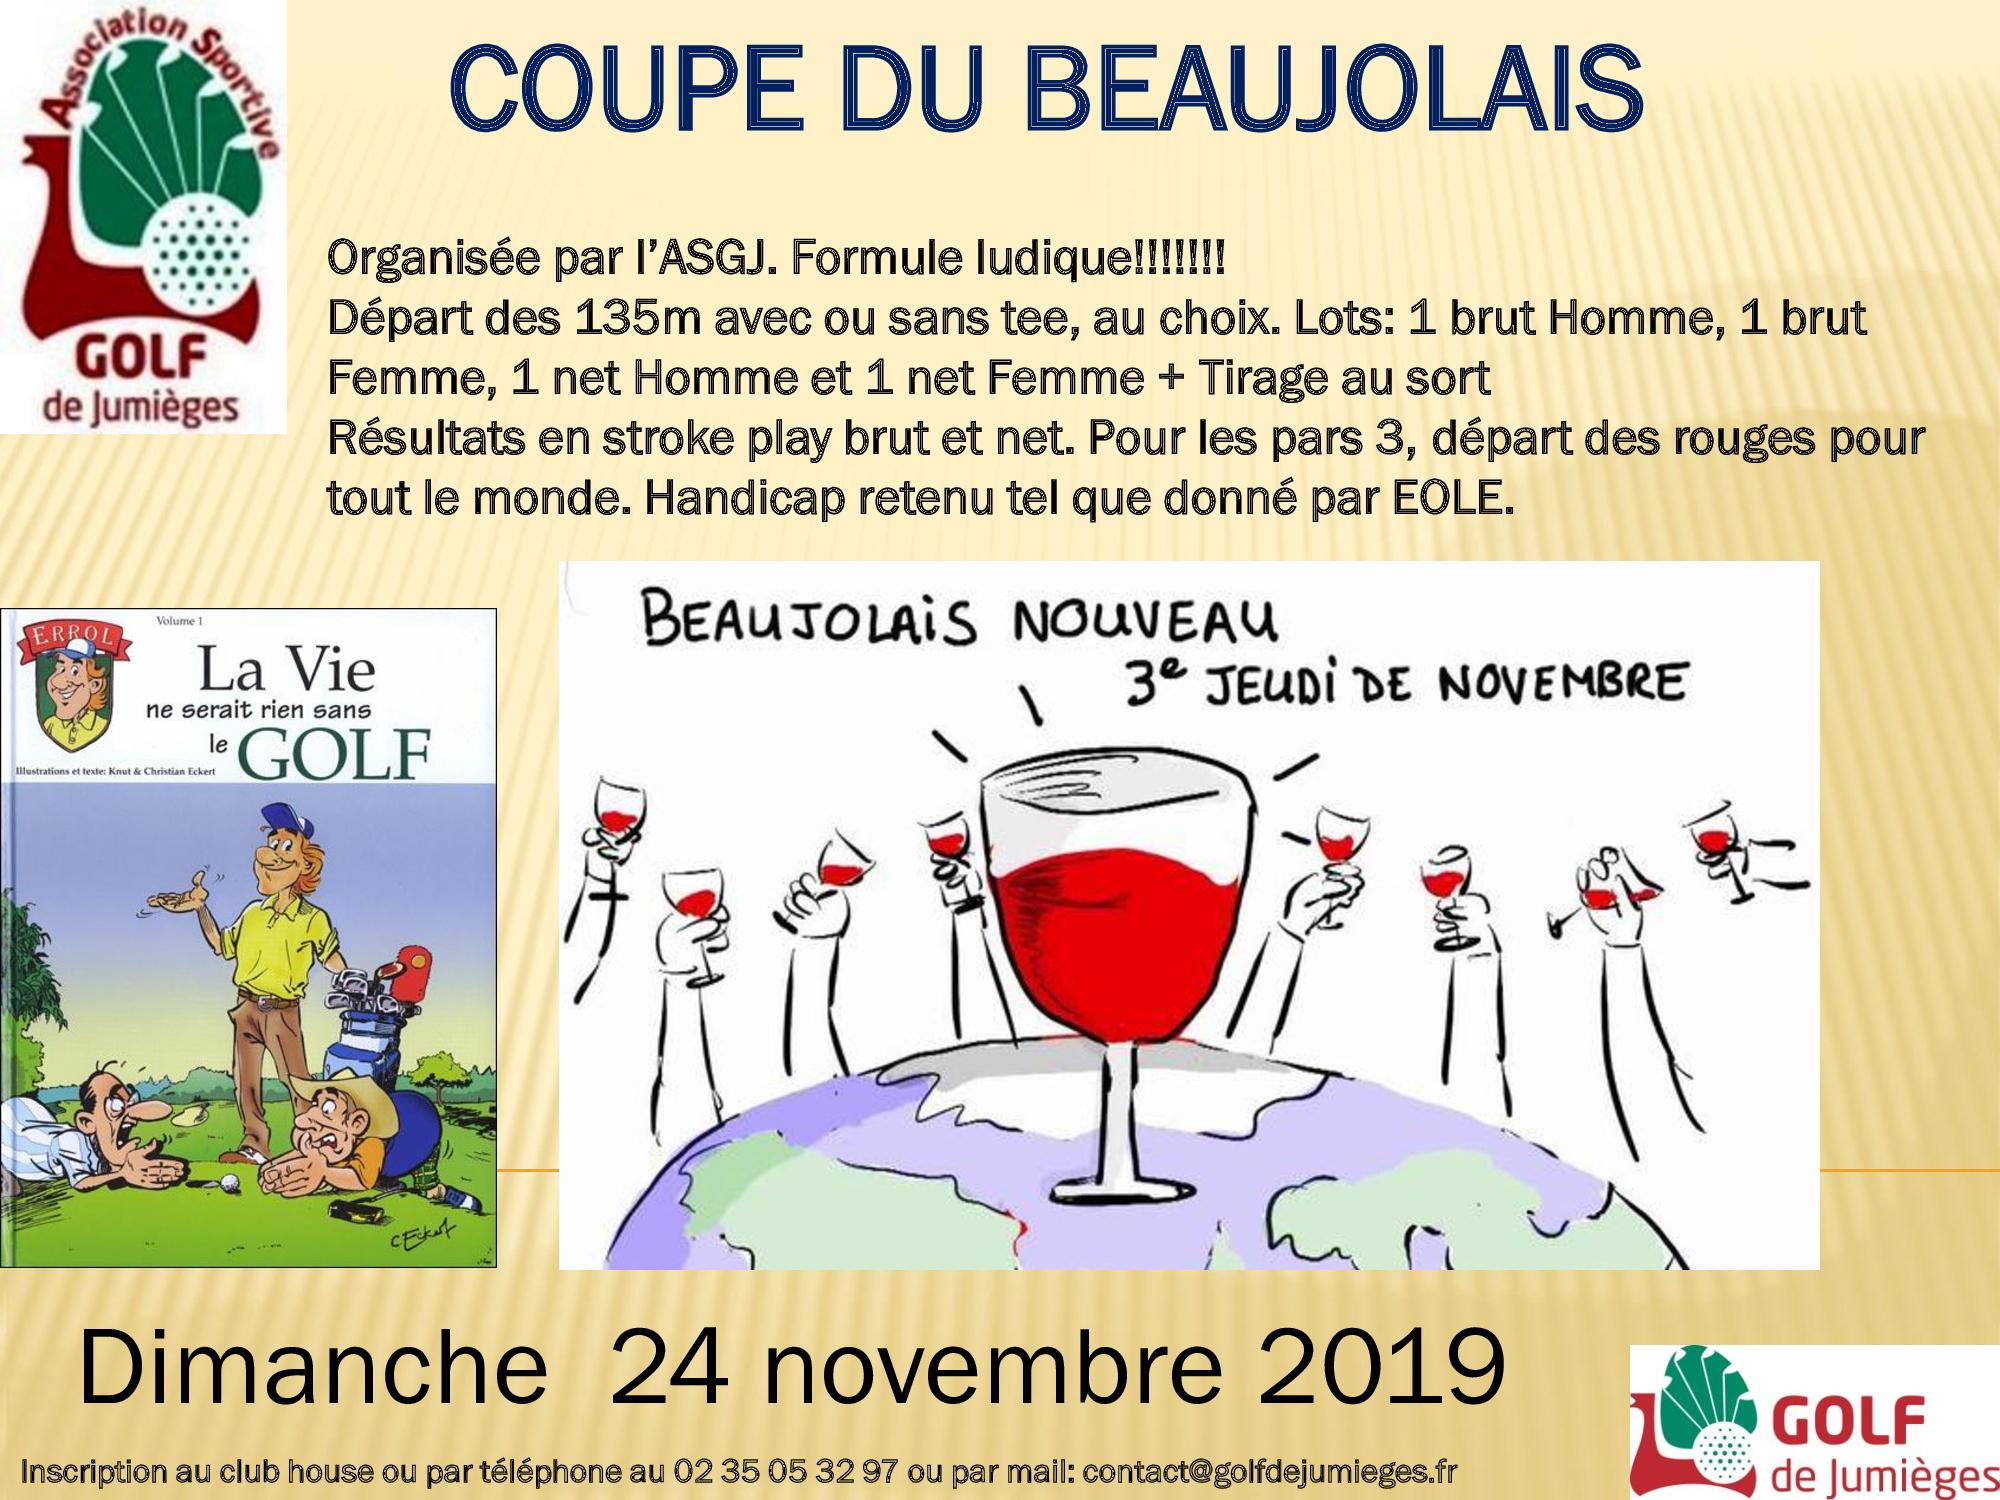 https://static.blog4ever.com/2008/02/178454/Affiche-coupe-du-beaujolais-24-novembre-2019--2-.jpg